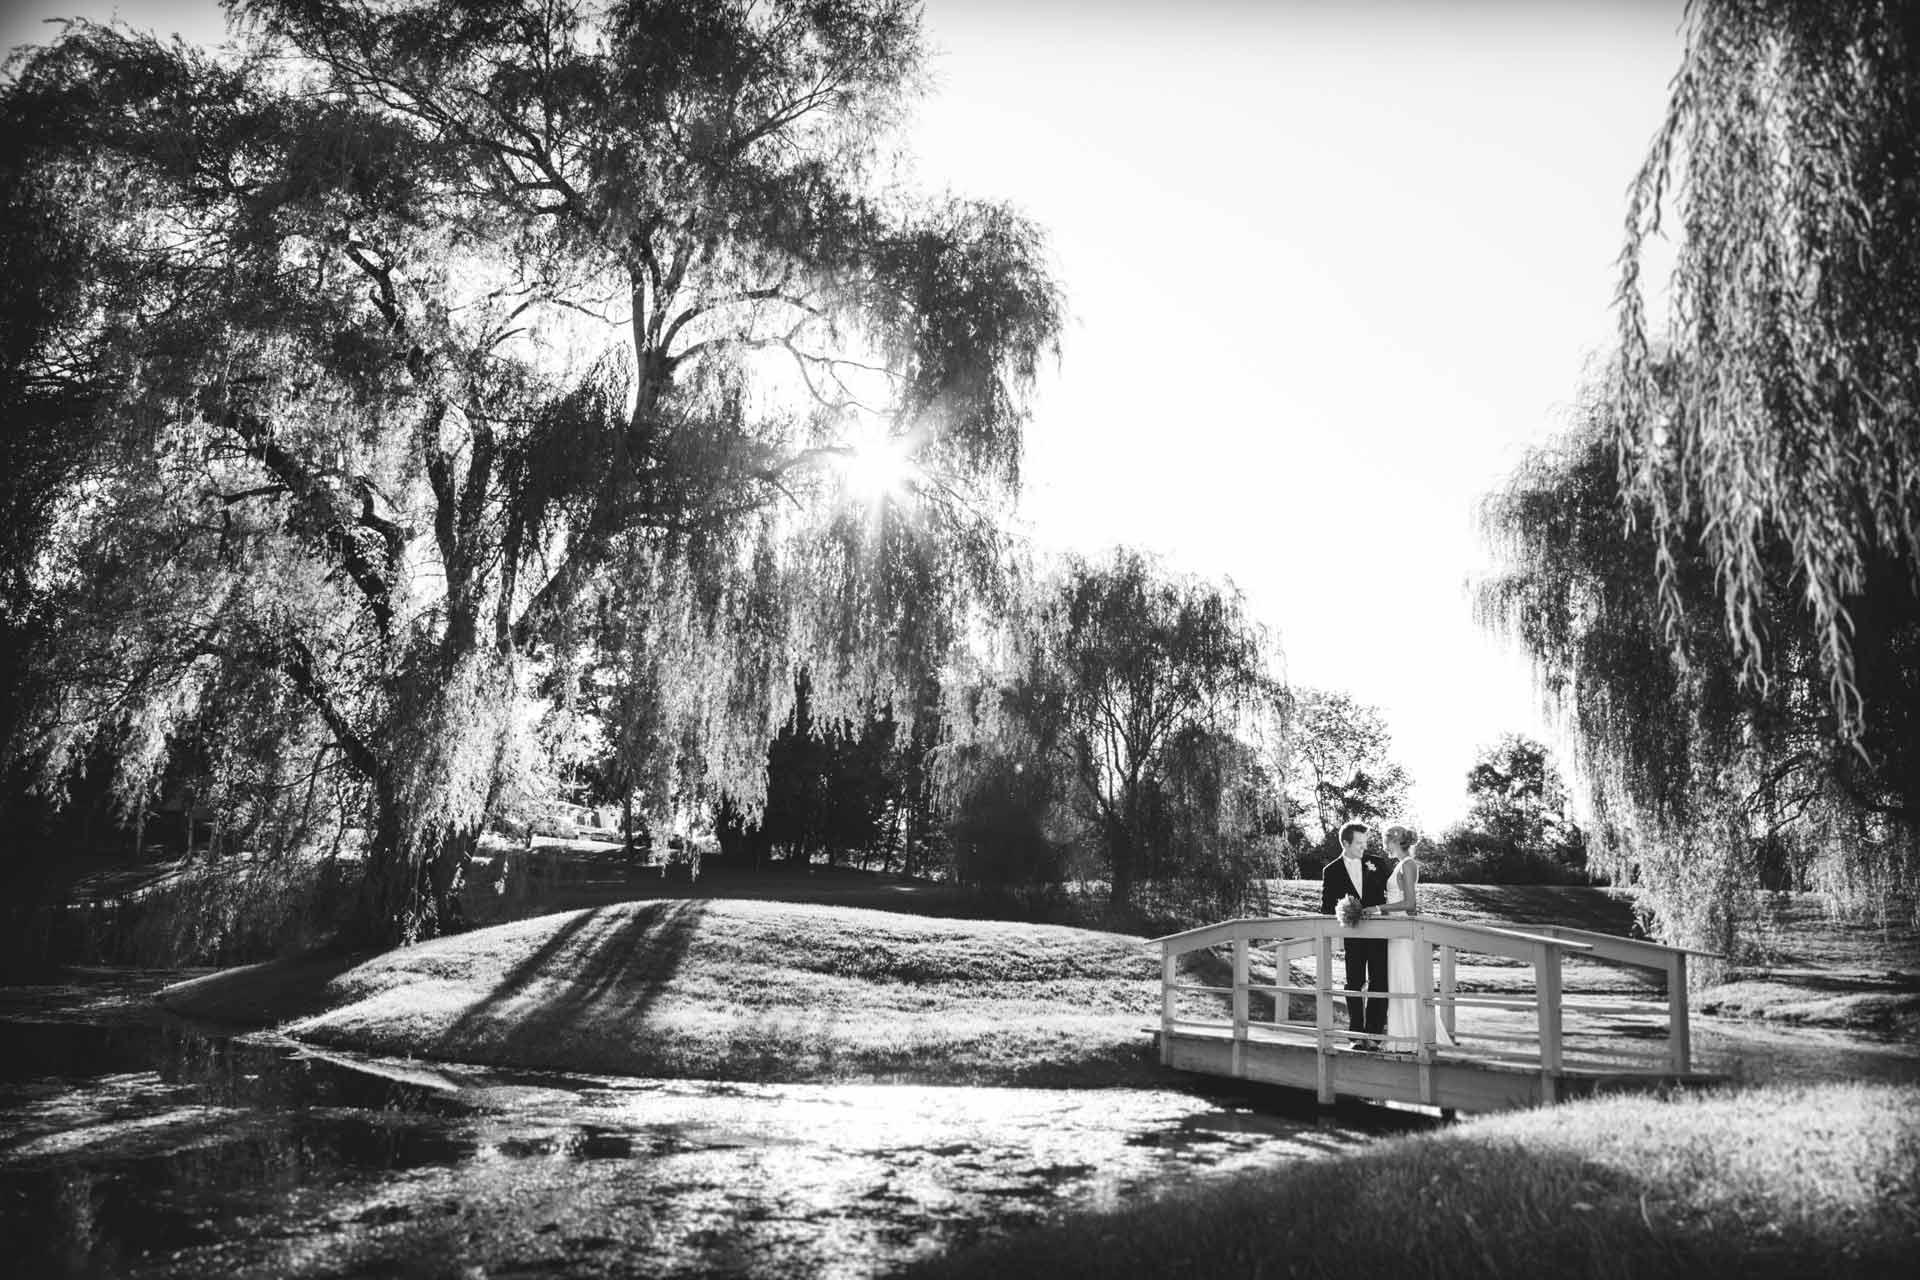 Barns-at-Wesleyan-Black-and-White-2.jpg